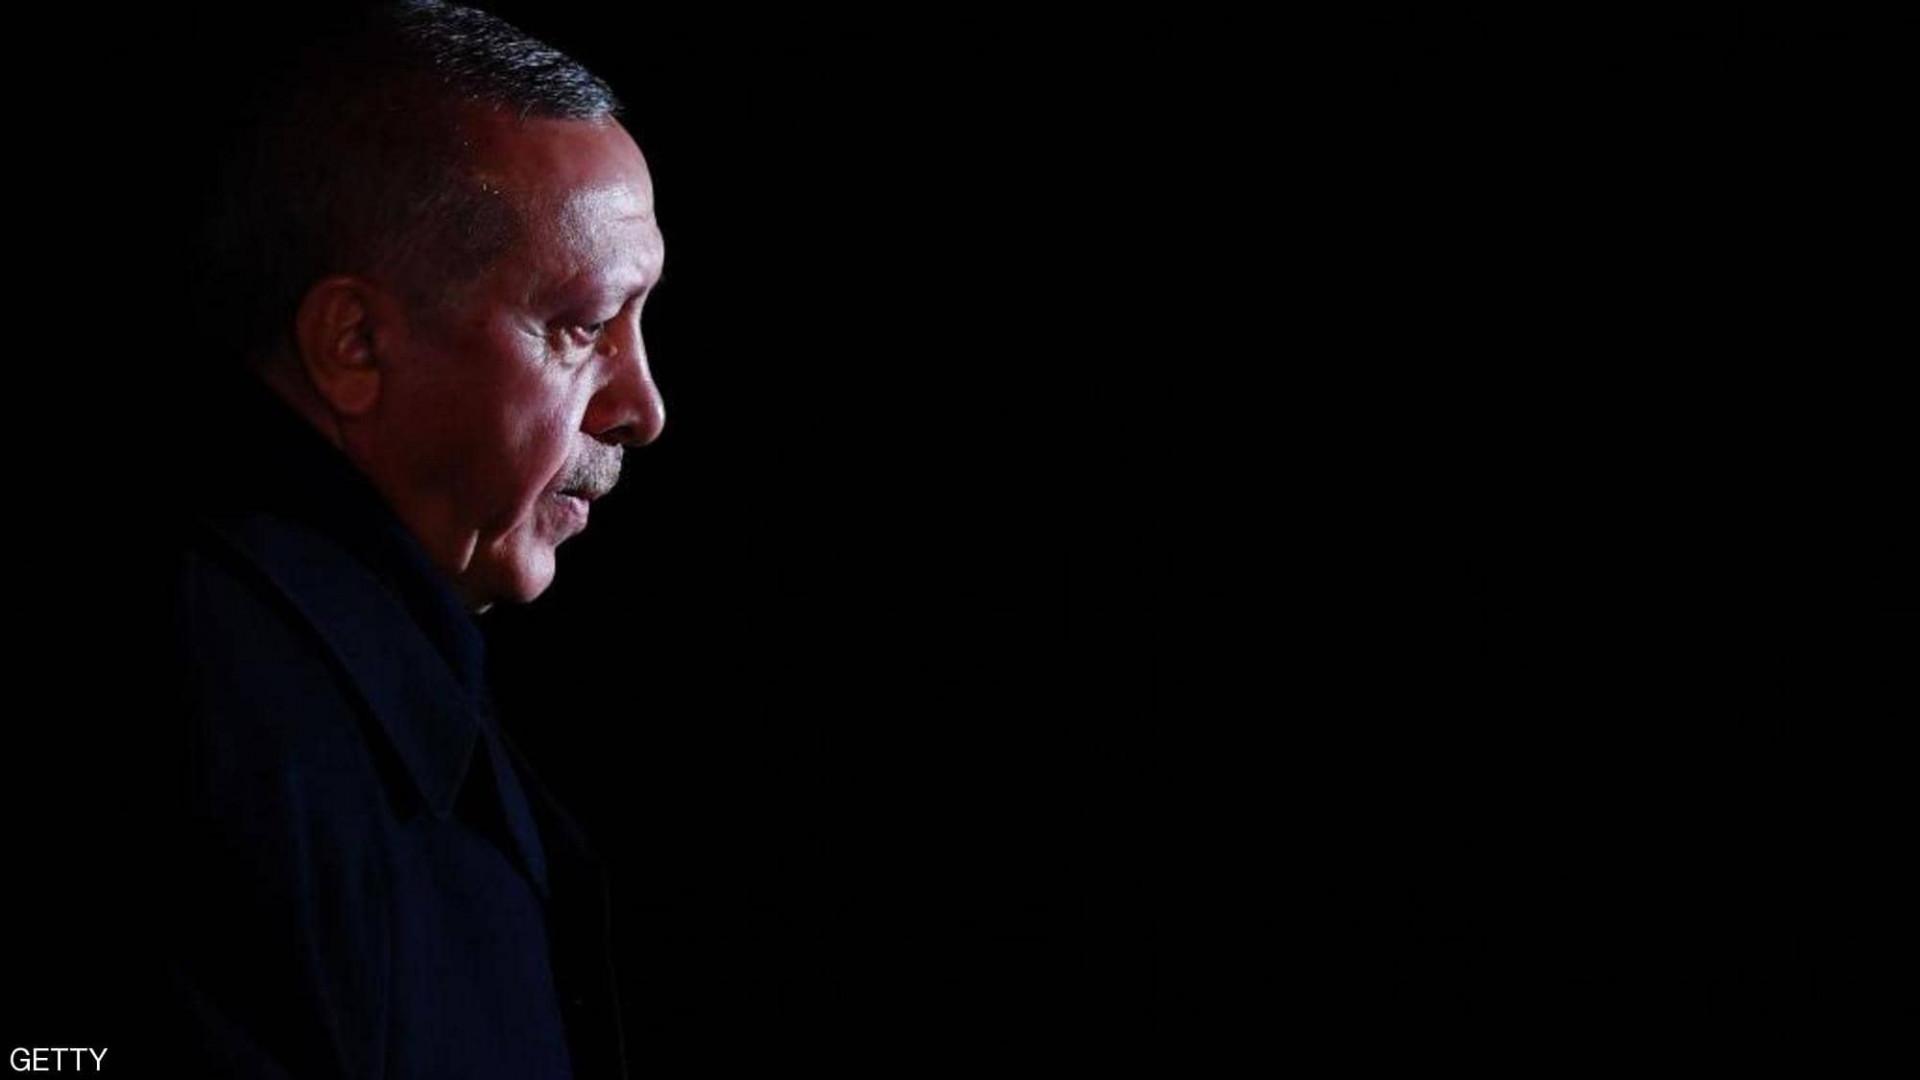 Turkey: Erdogan's popularity erodes